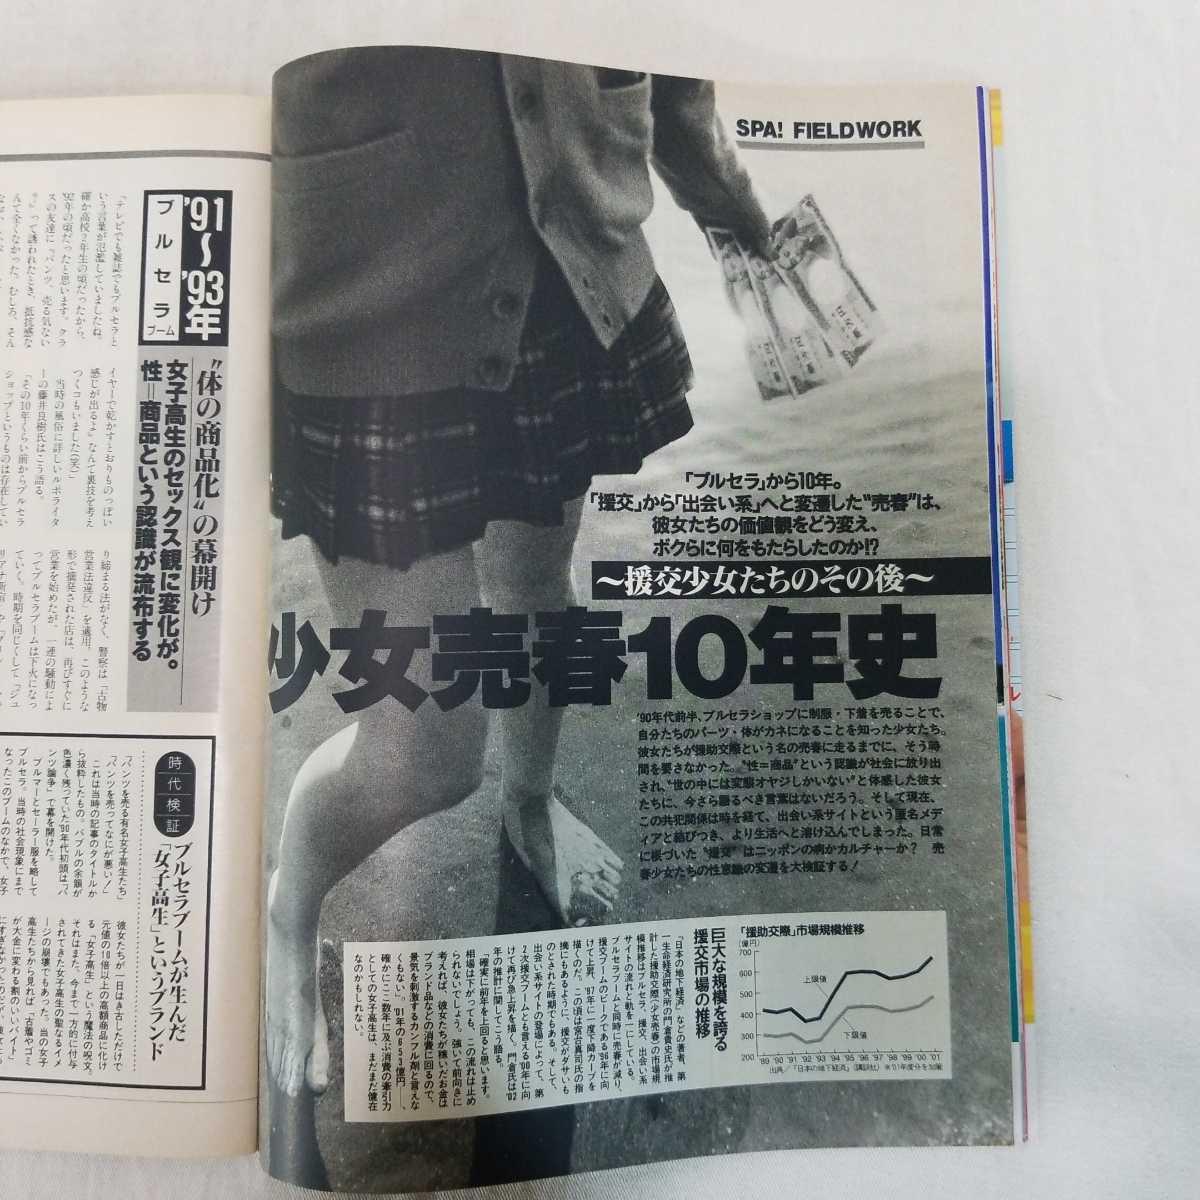 週刊スパ SPA! 2003年4月号 [都会vs田舎]暮らしサラリーマン 男の[モテ期]にこんな法則があった!!  宇佐美奈々 _画像8